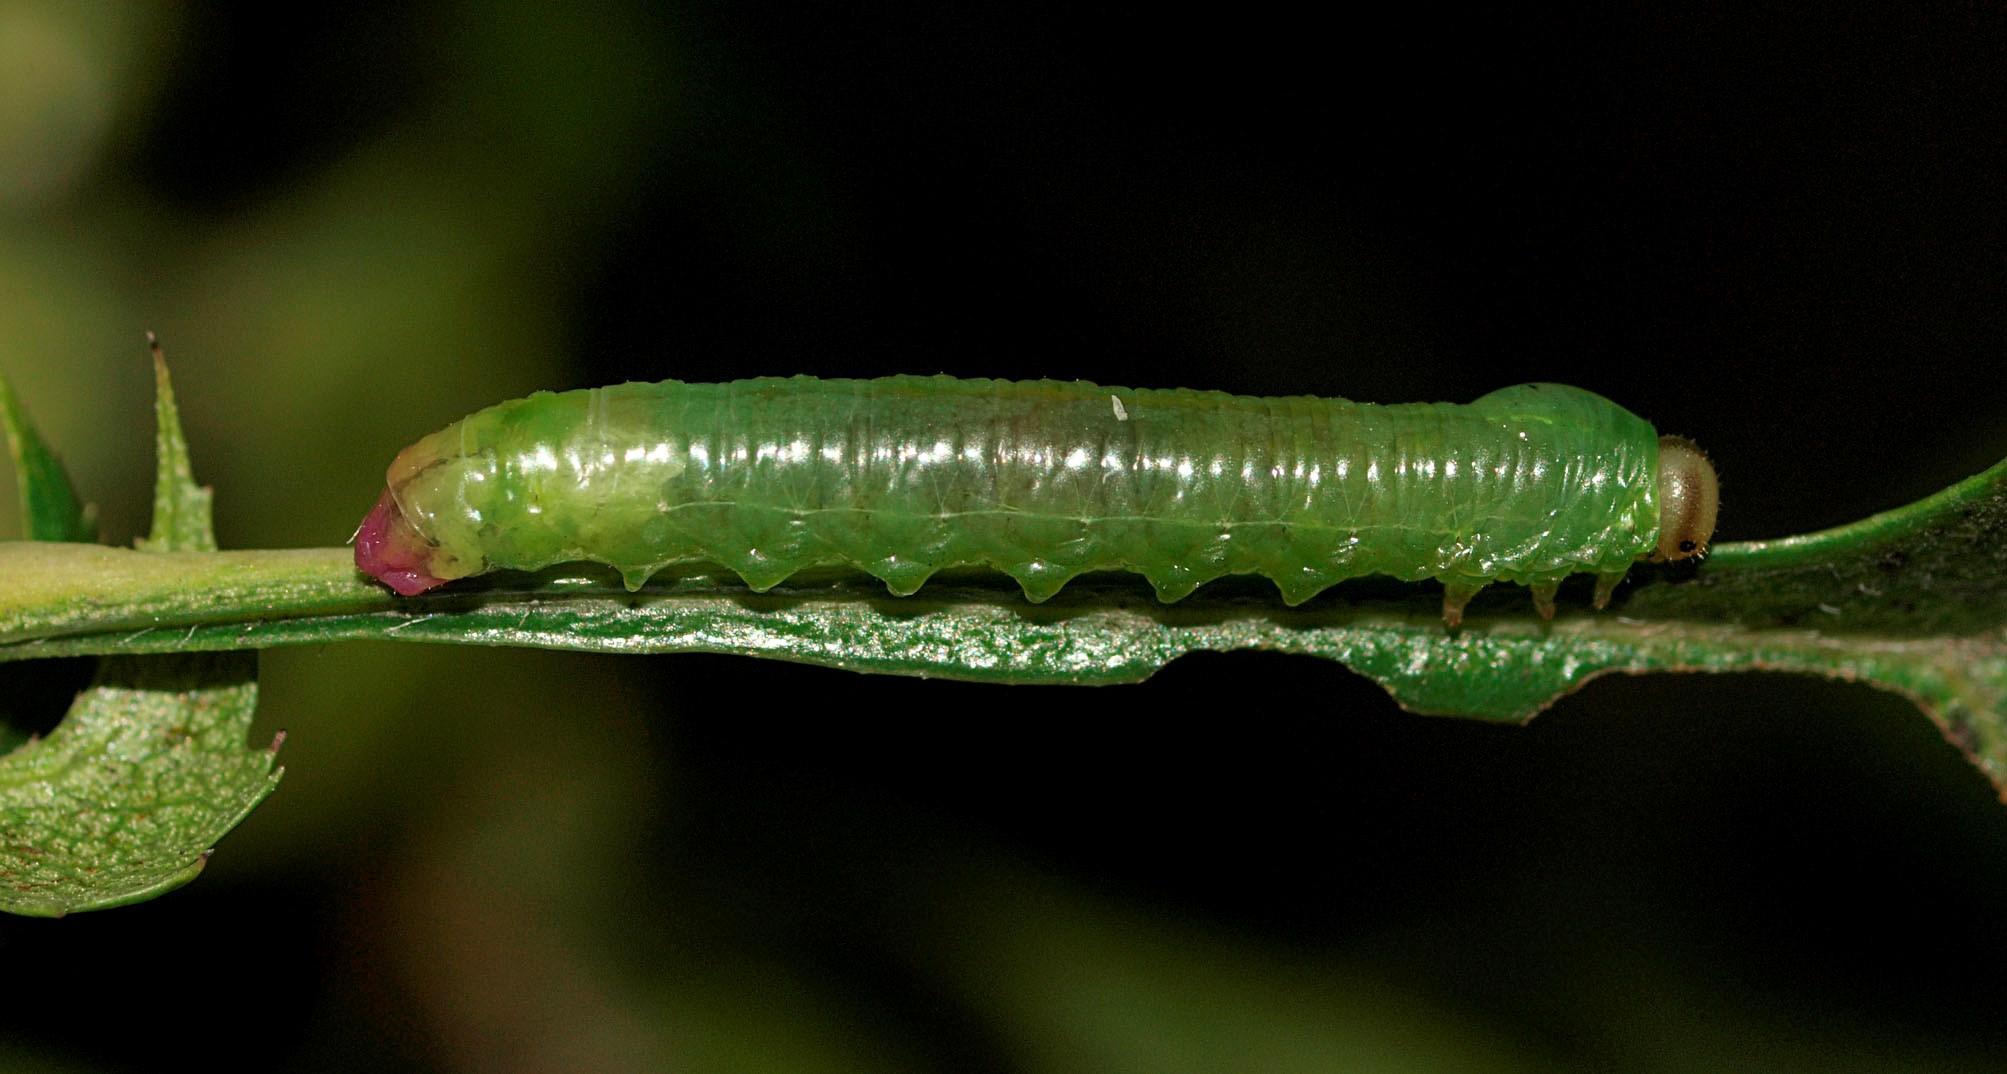 Pristiphora armata